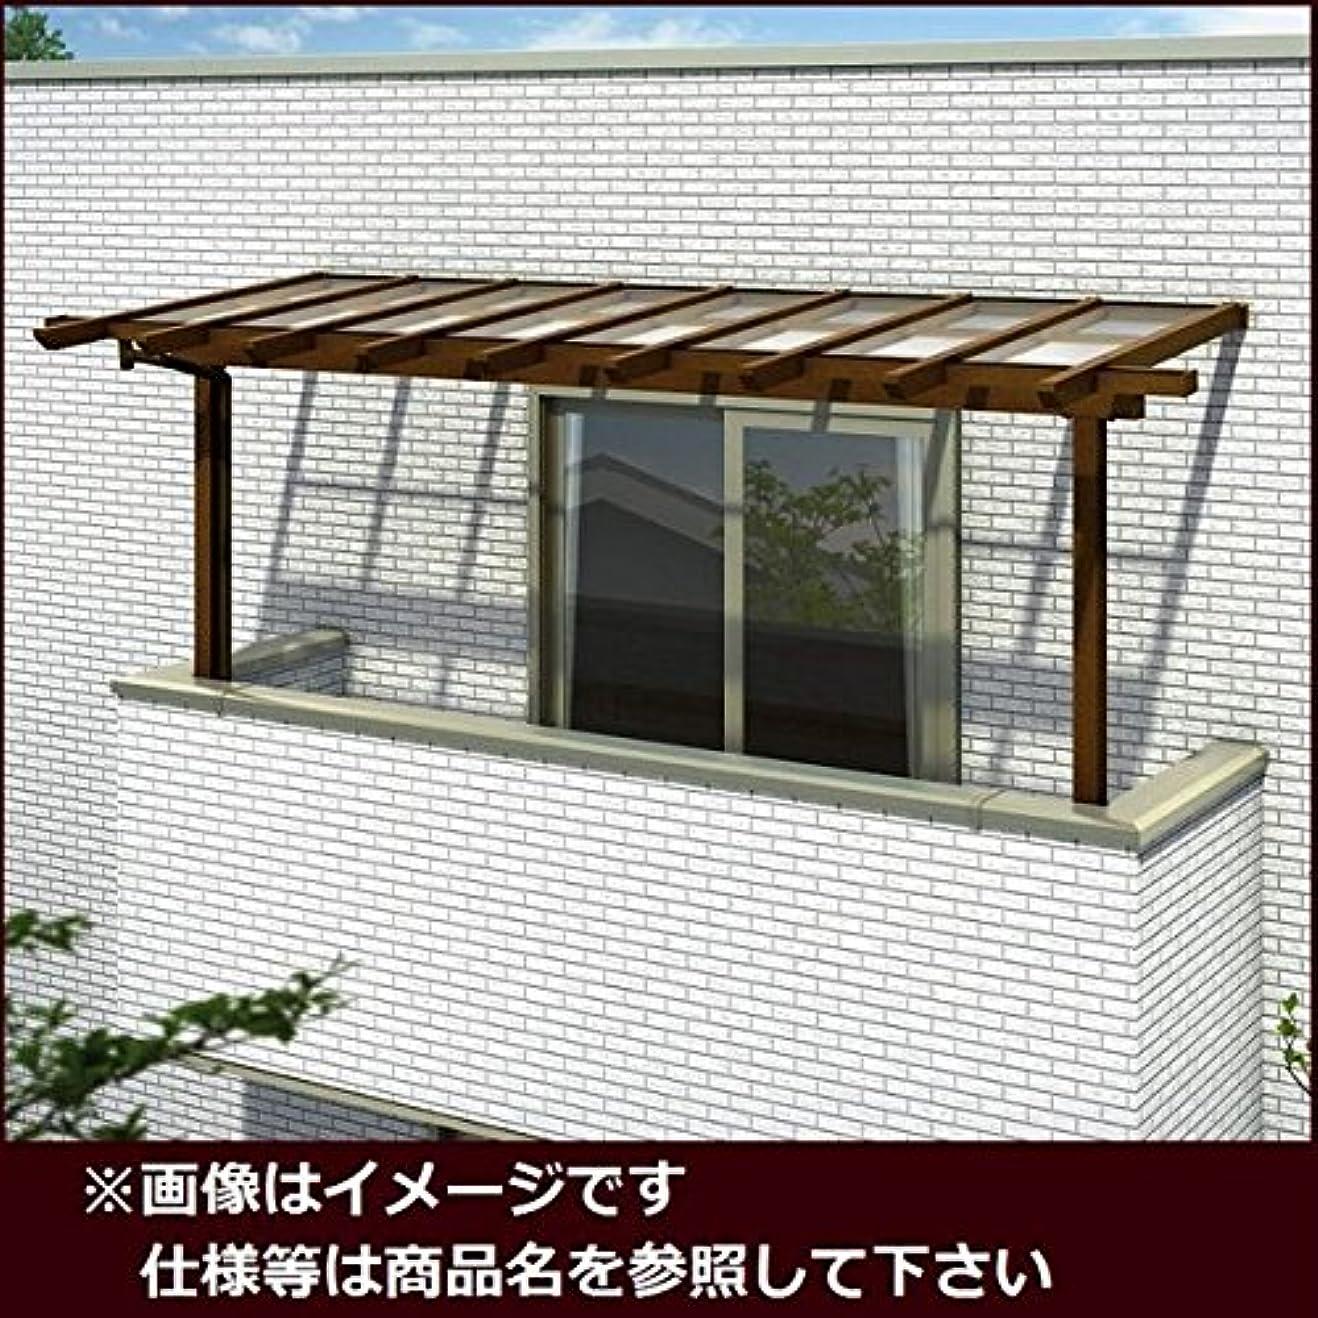 溶かす小石デジタルYKK ap サザンテラス パーゴラタイプ 2階用 関東間 1500N/m2 3間×7尺 (2連結) ポリカ屋根 キャラメルチーク/アースブルー